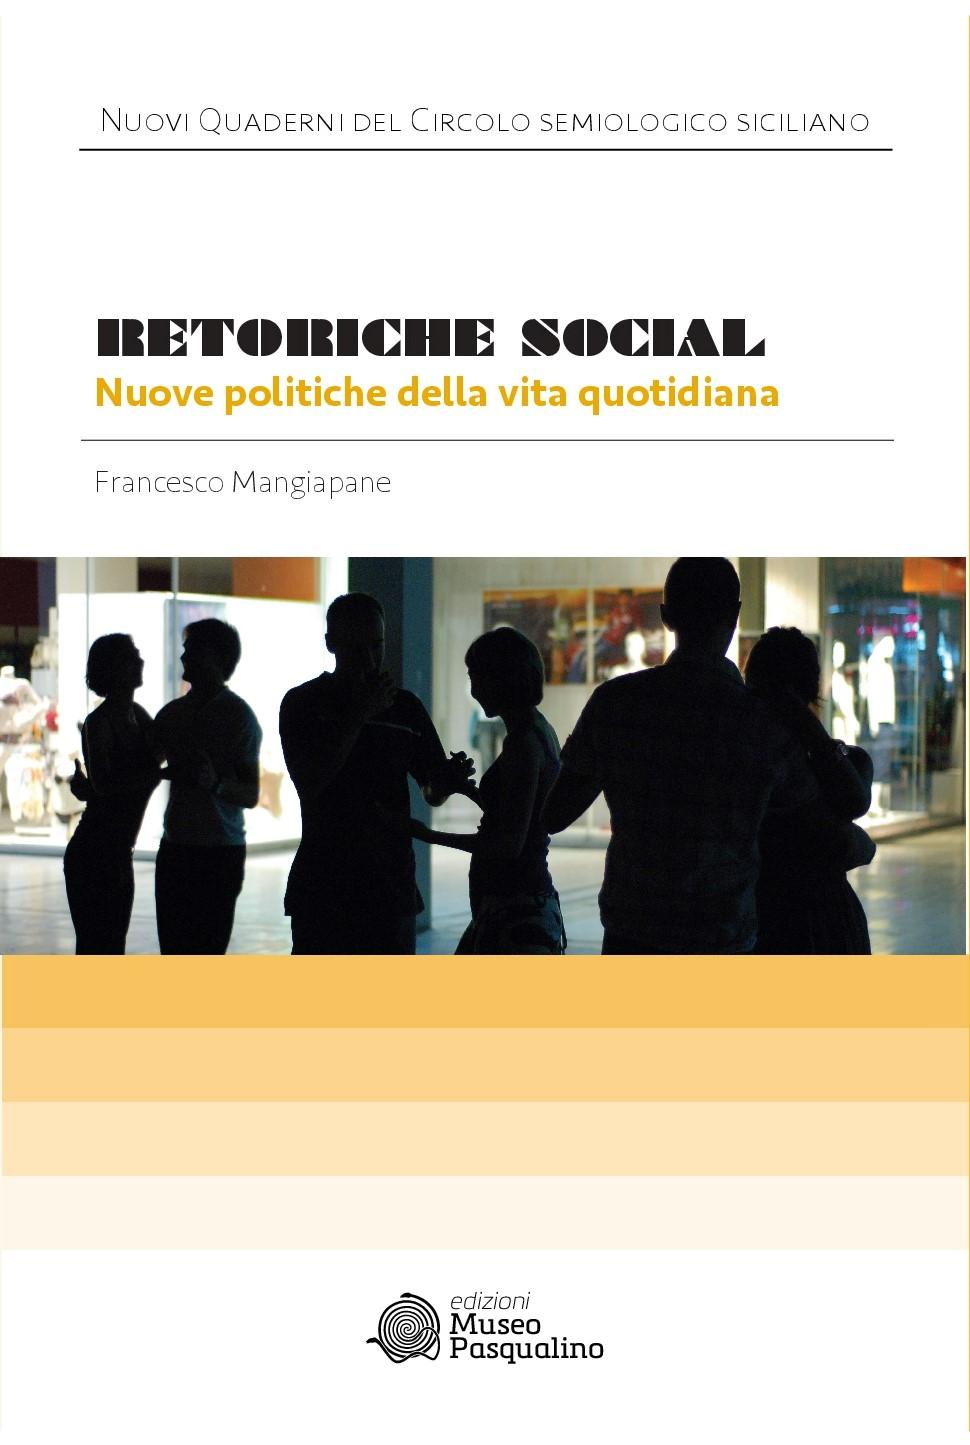 retoriche_social_.jpg - 189.41 kB